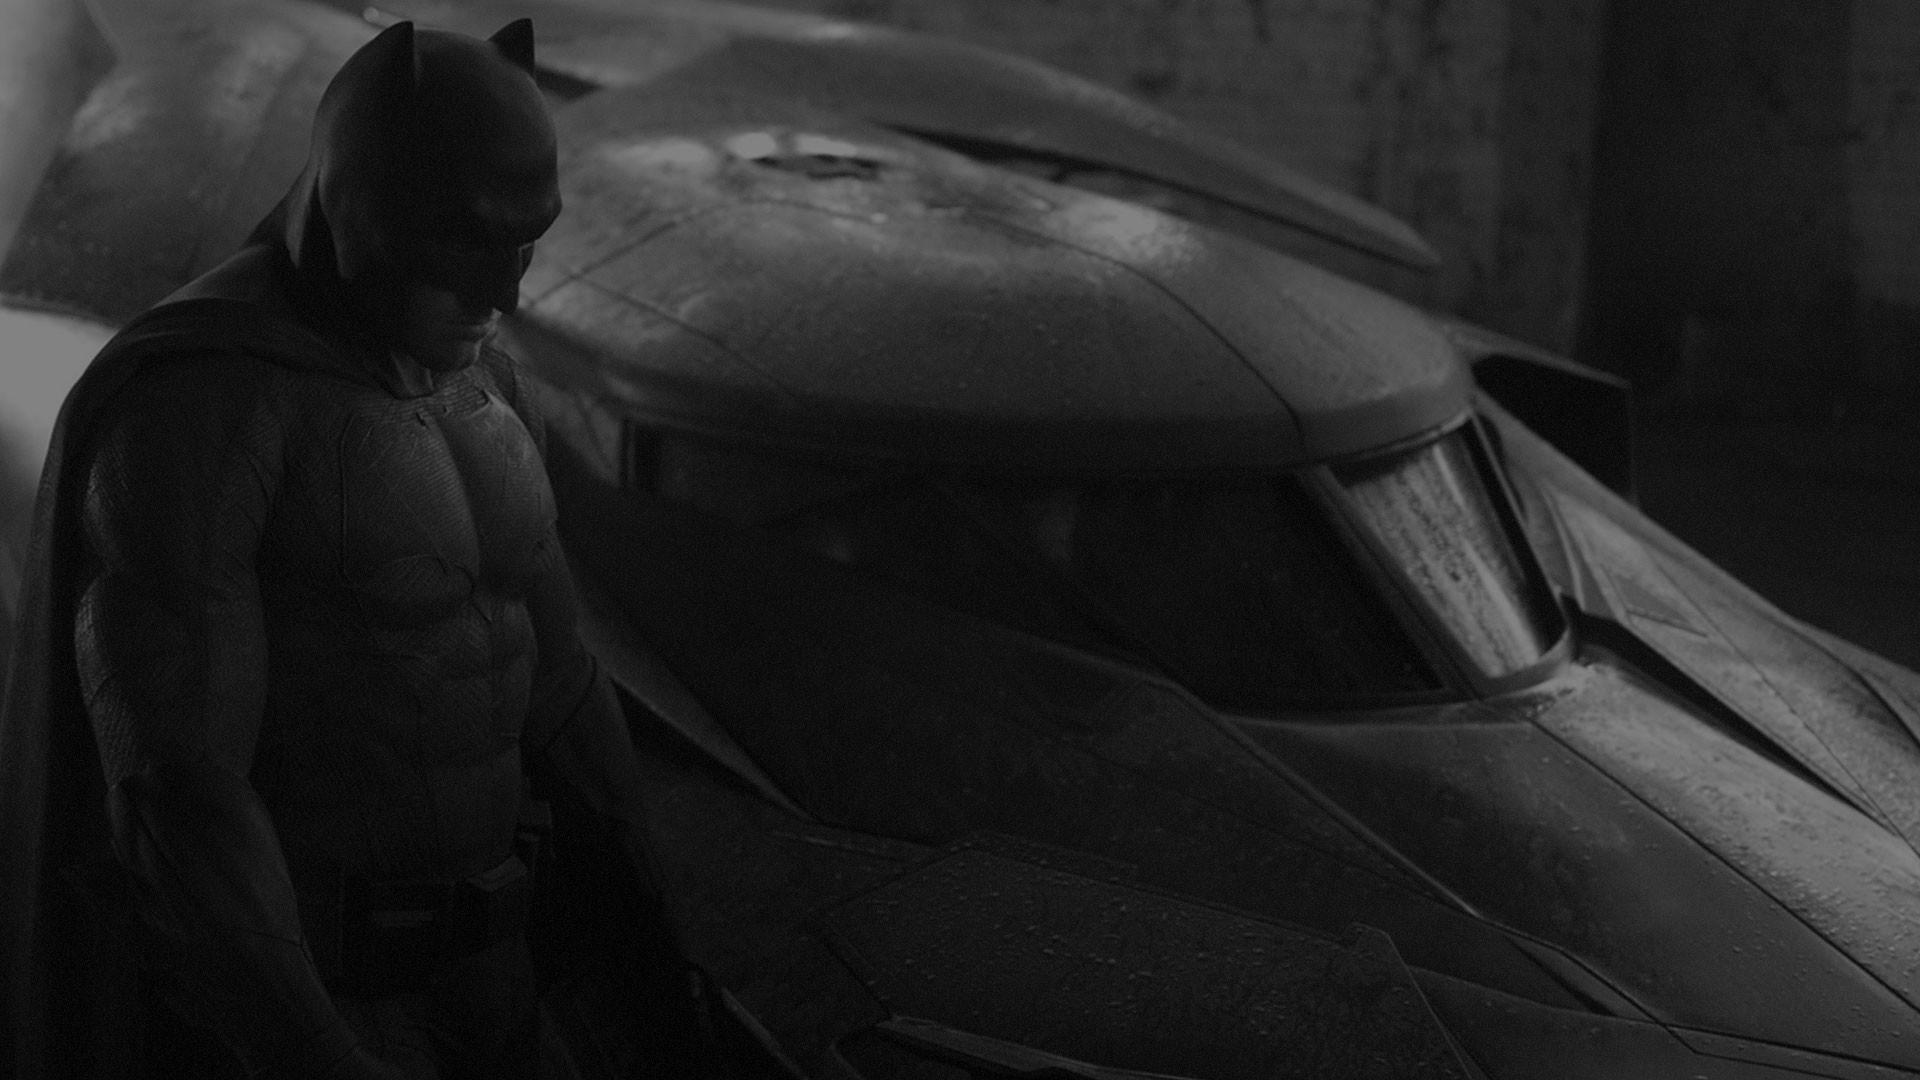 Batmobile car 2016 wallpaper HD